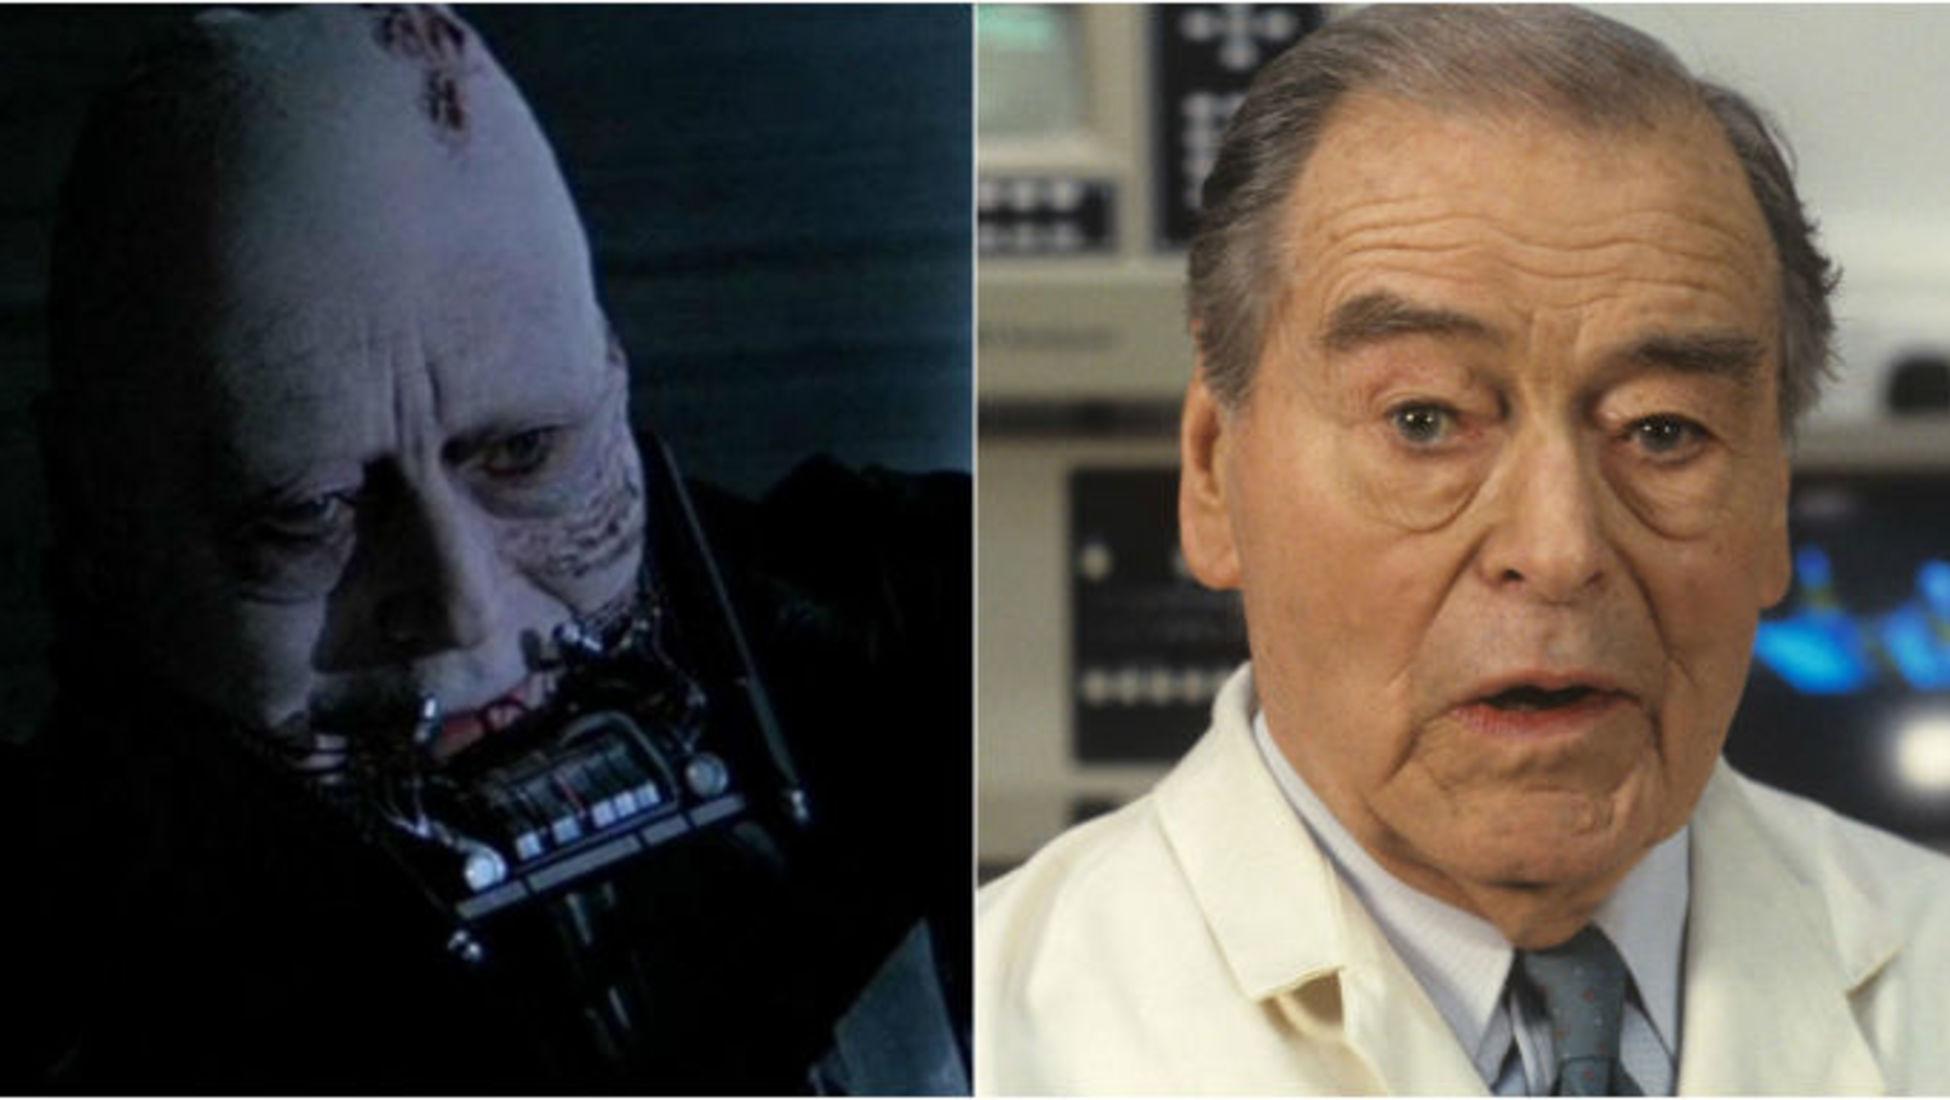 Darth Vader Schauspieler